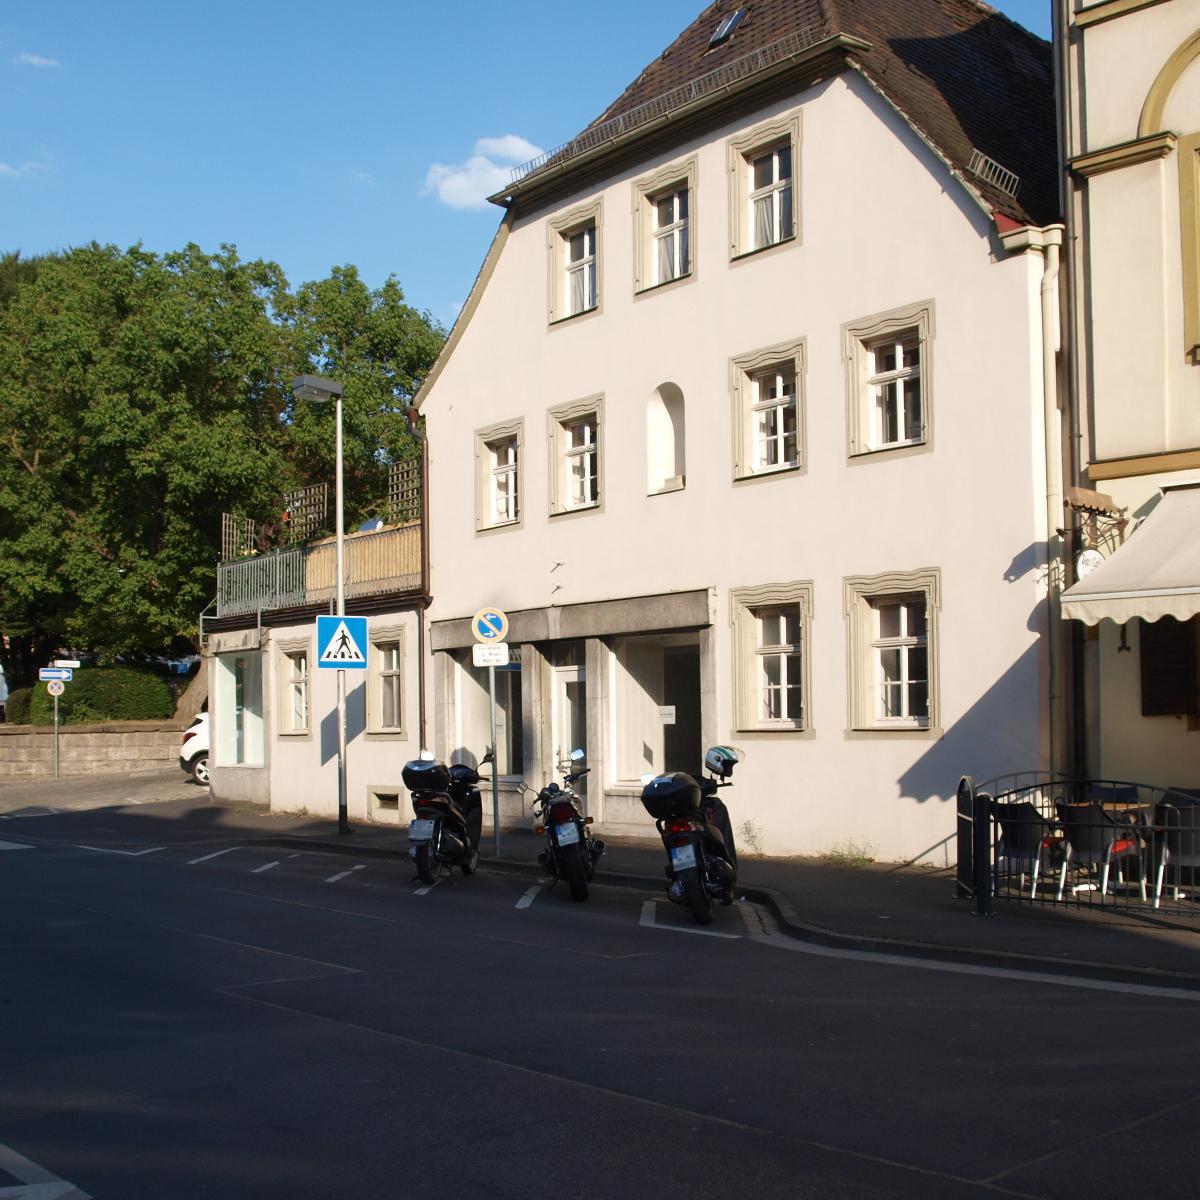 Motorradparkplatz Kitzingen Kaiserstraße 31